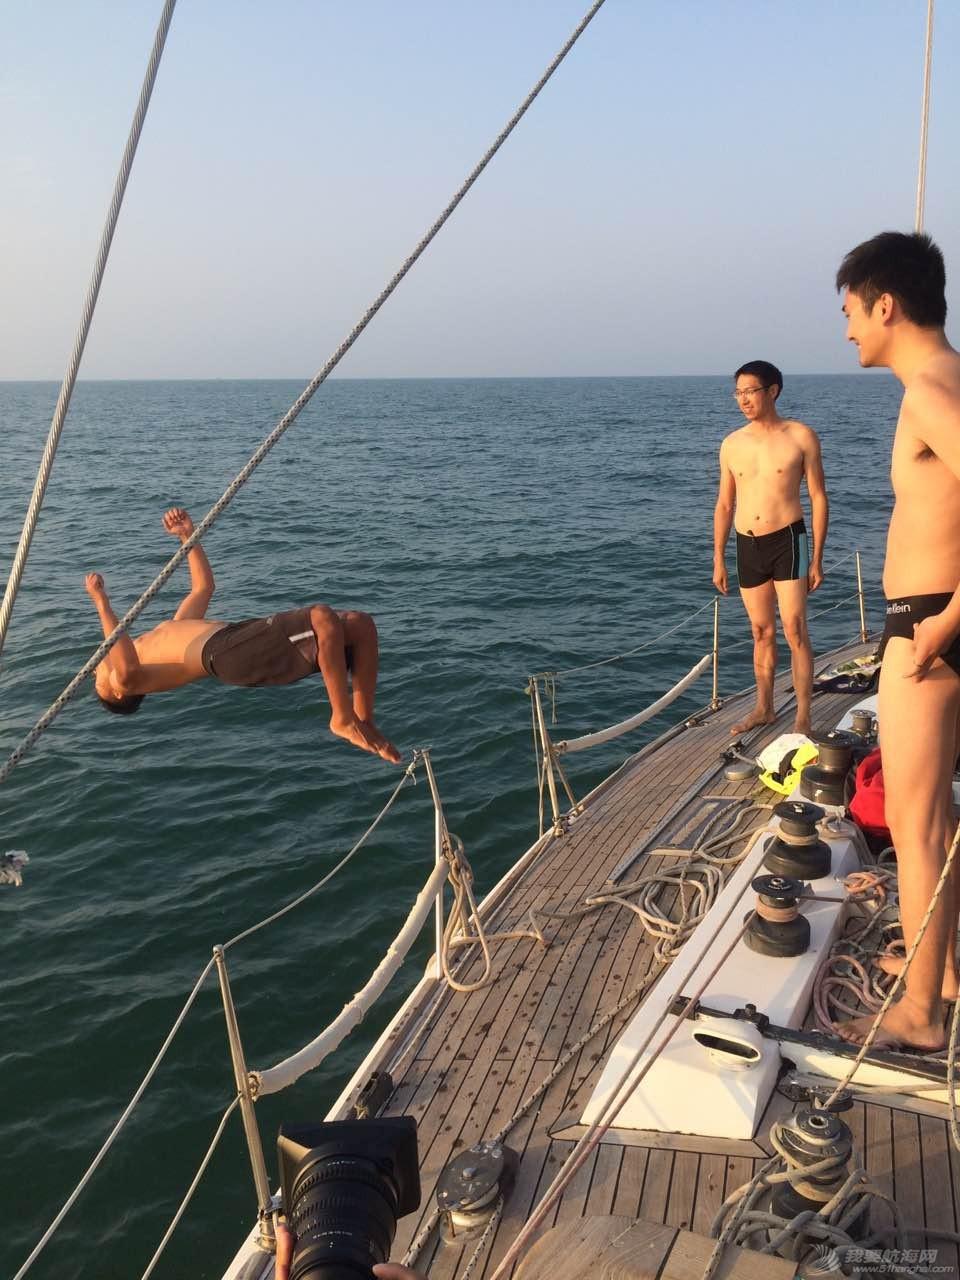 东海,退役运动员,常春藤,渤海,浙江 9天9夜航程800海里让你从一无所知变成合格的水手[威海] 343303845588584293.jpg